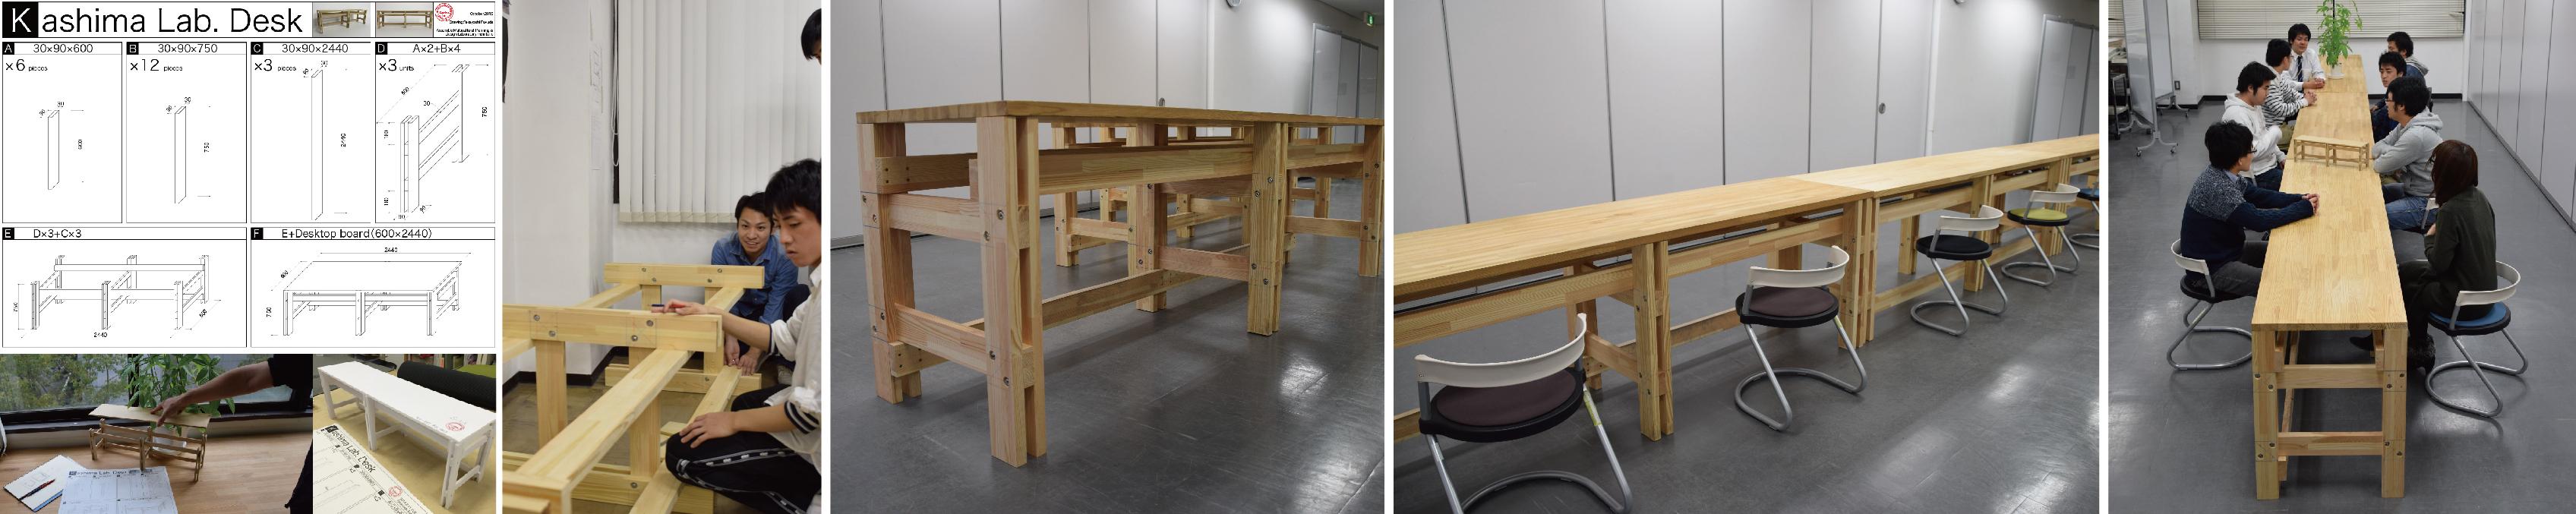 Case 08:脚(柱)、横架材(梁)、天板(スラブ)という建築的な部位から構成。いずれも30mm厚のパイン集成材。天板下には棚板が入る。